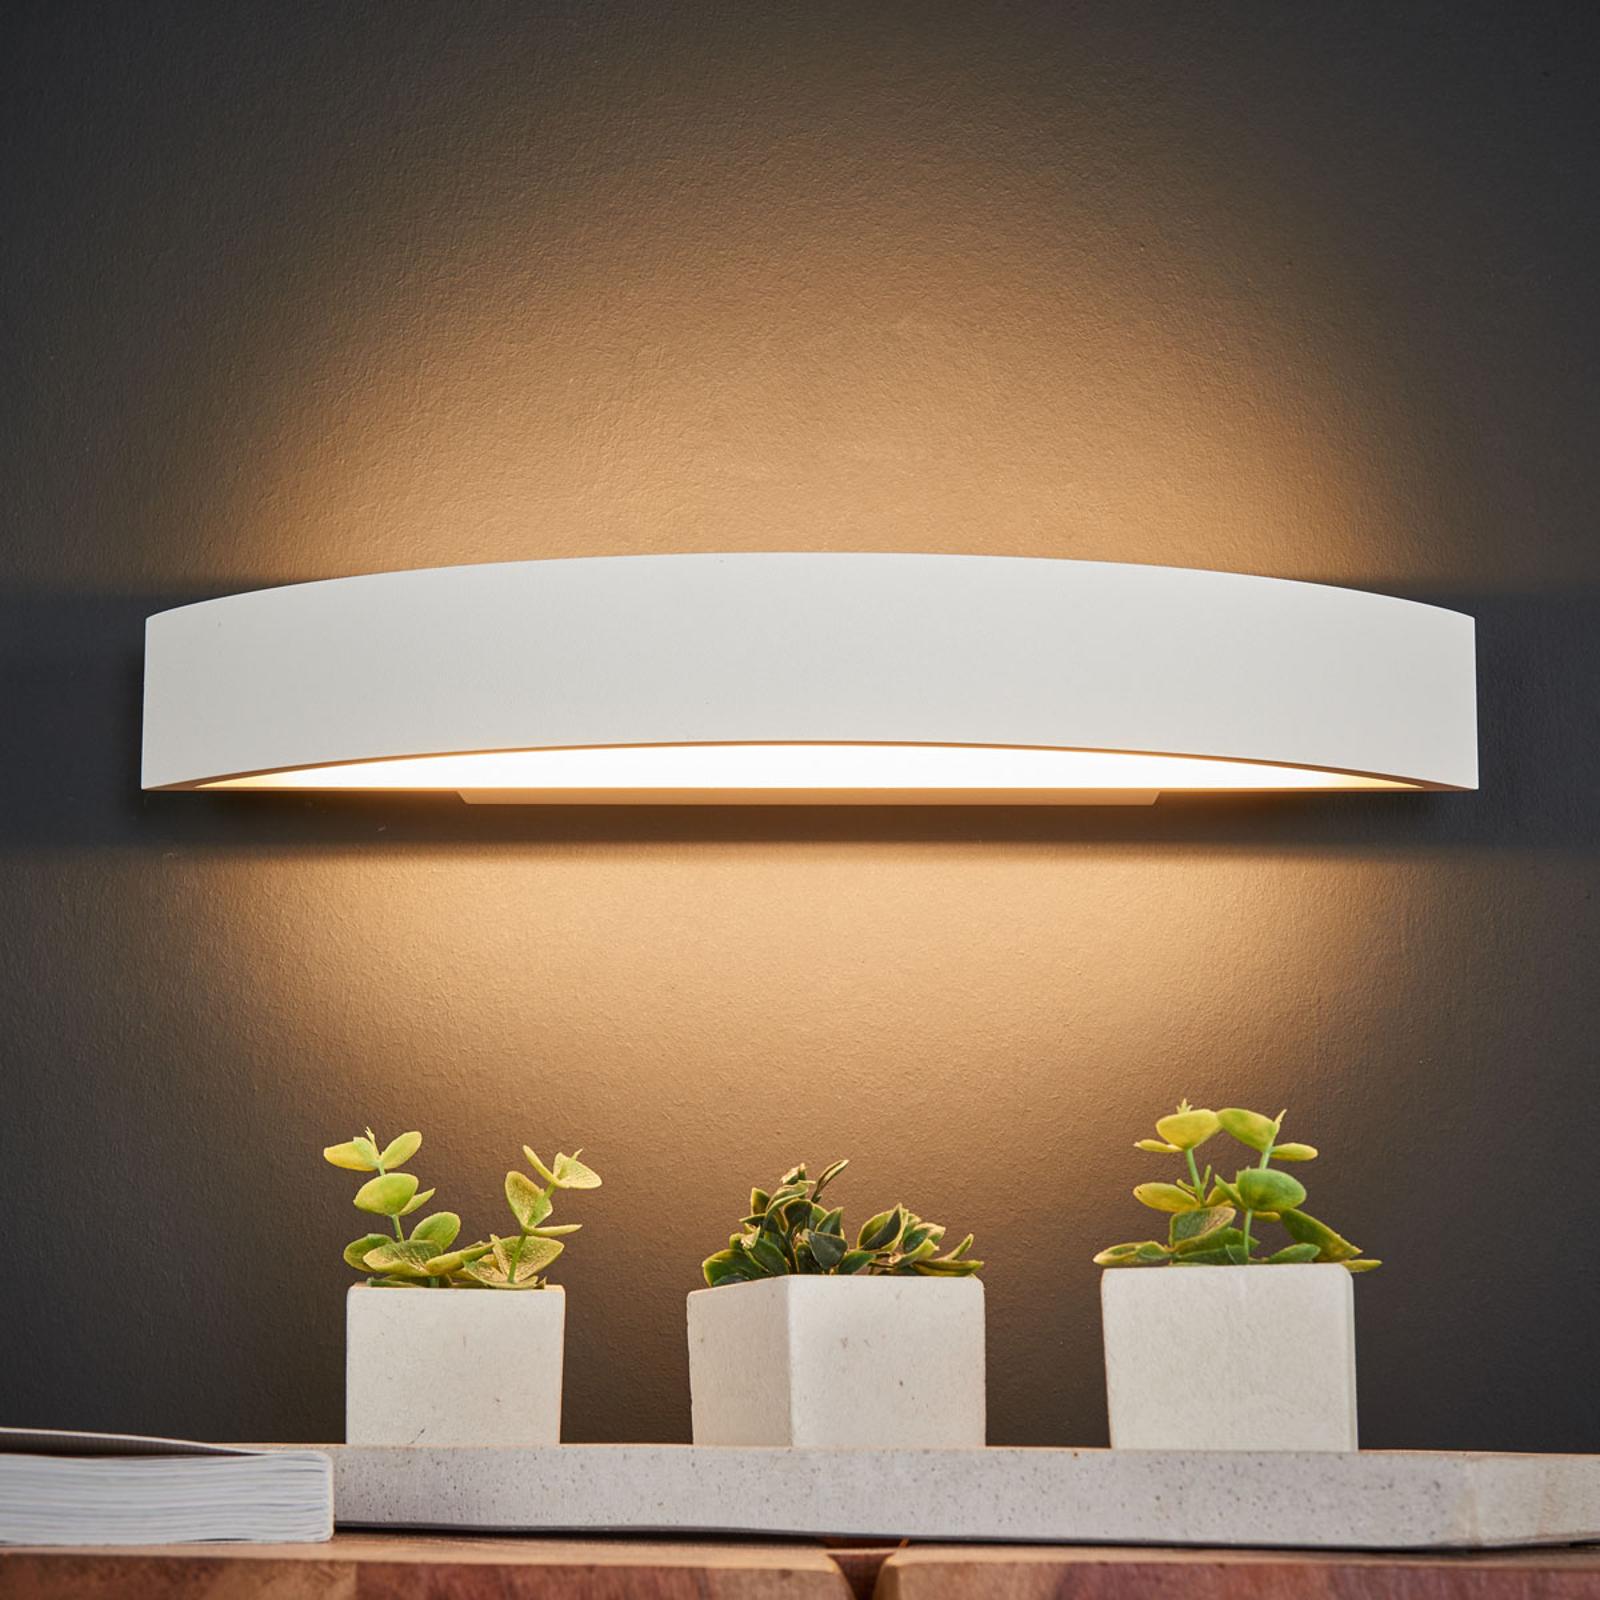 Helestra Yona LED-Wandlampe, weiß, 37,5 cm